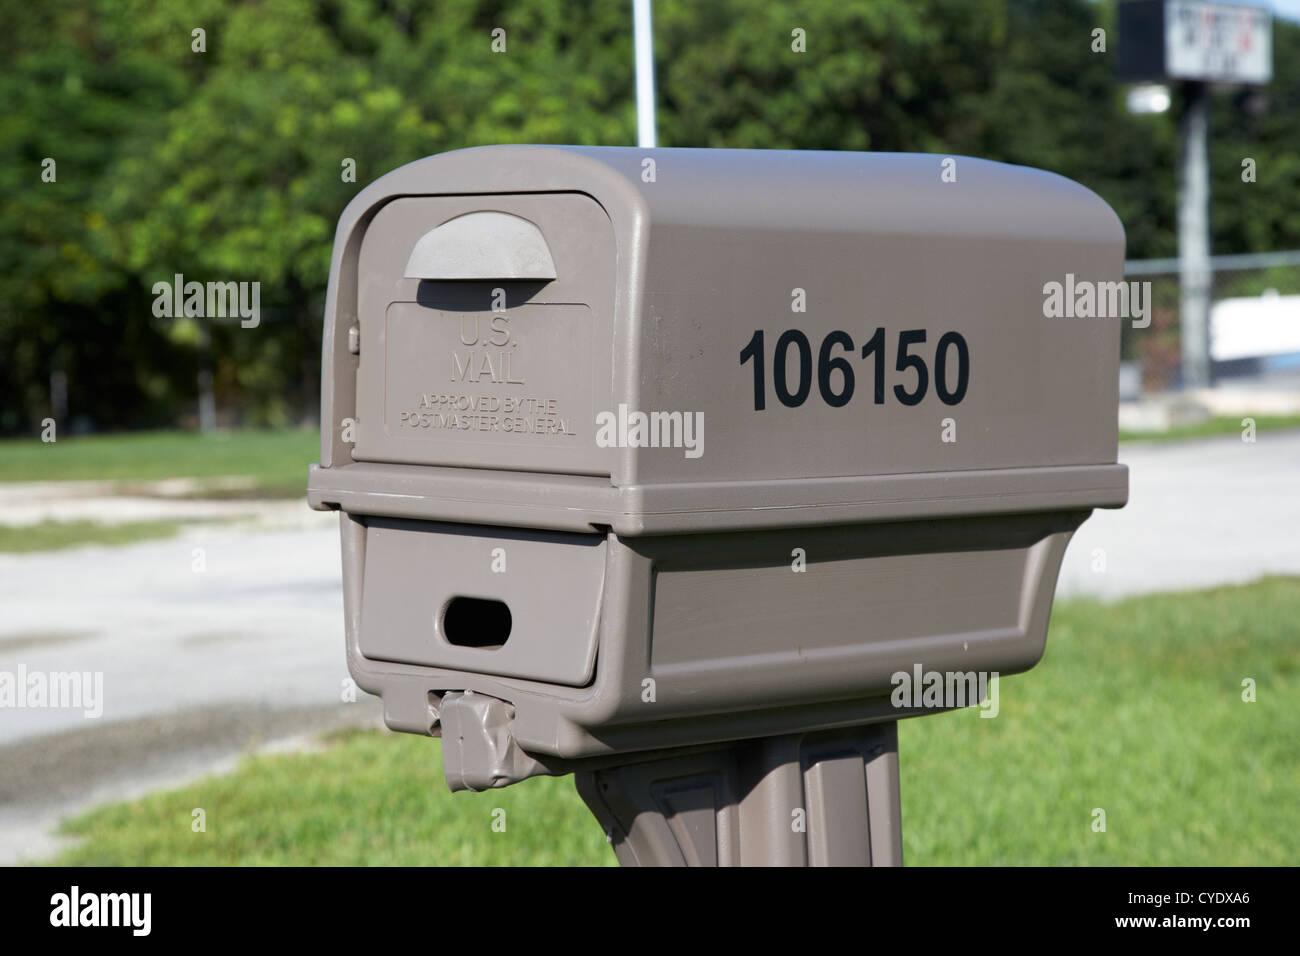 Plástico barato doble buzón del correo de los Estados Unidos Estados Unidos Imagen De Stock